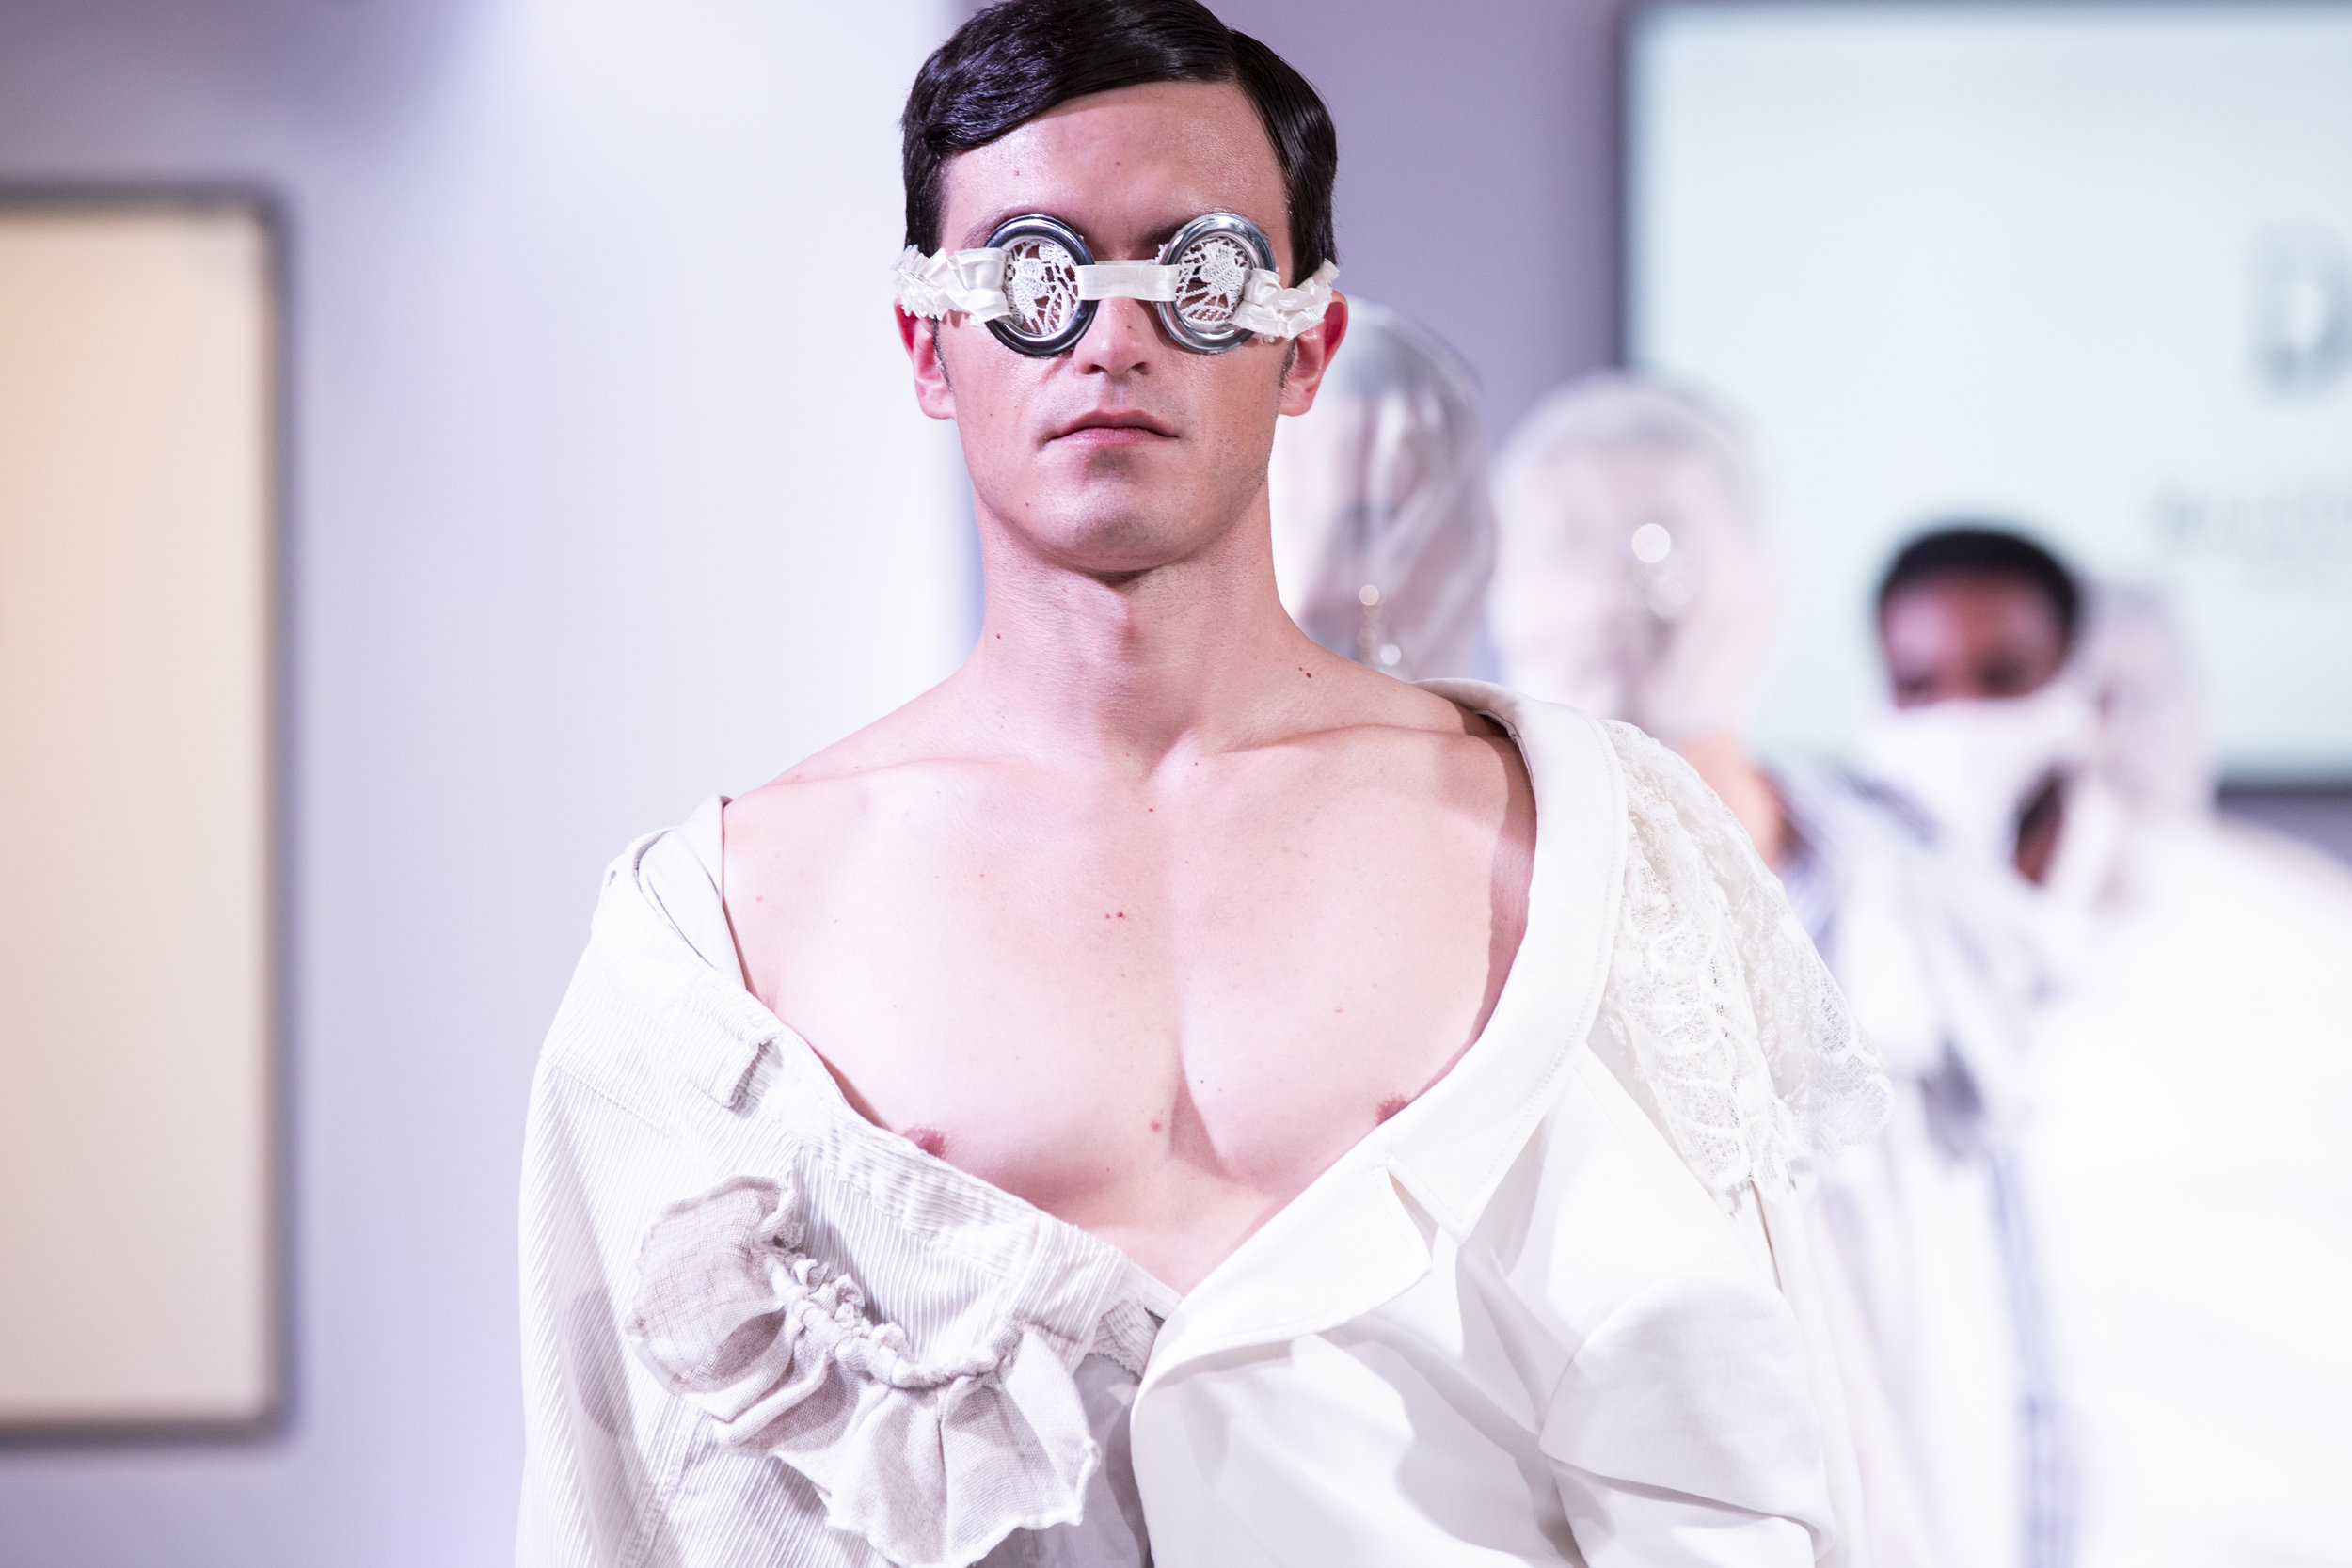 Fashions Finest 2019- Romina Dorigo -Italy-Photographer - Joanna Mitroi